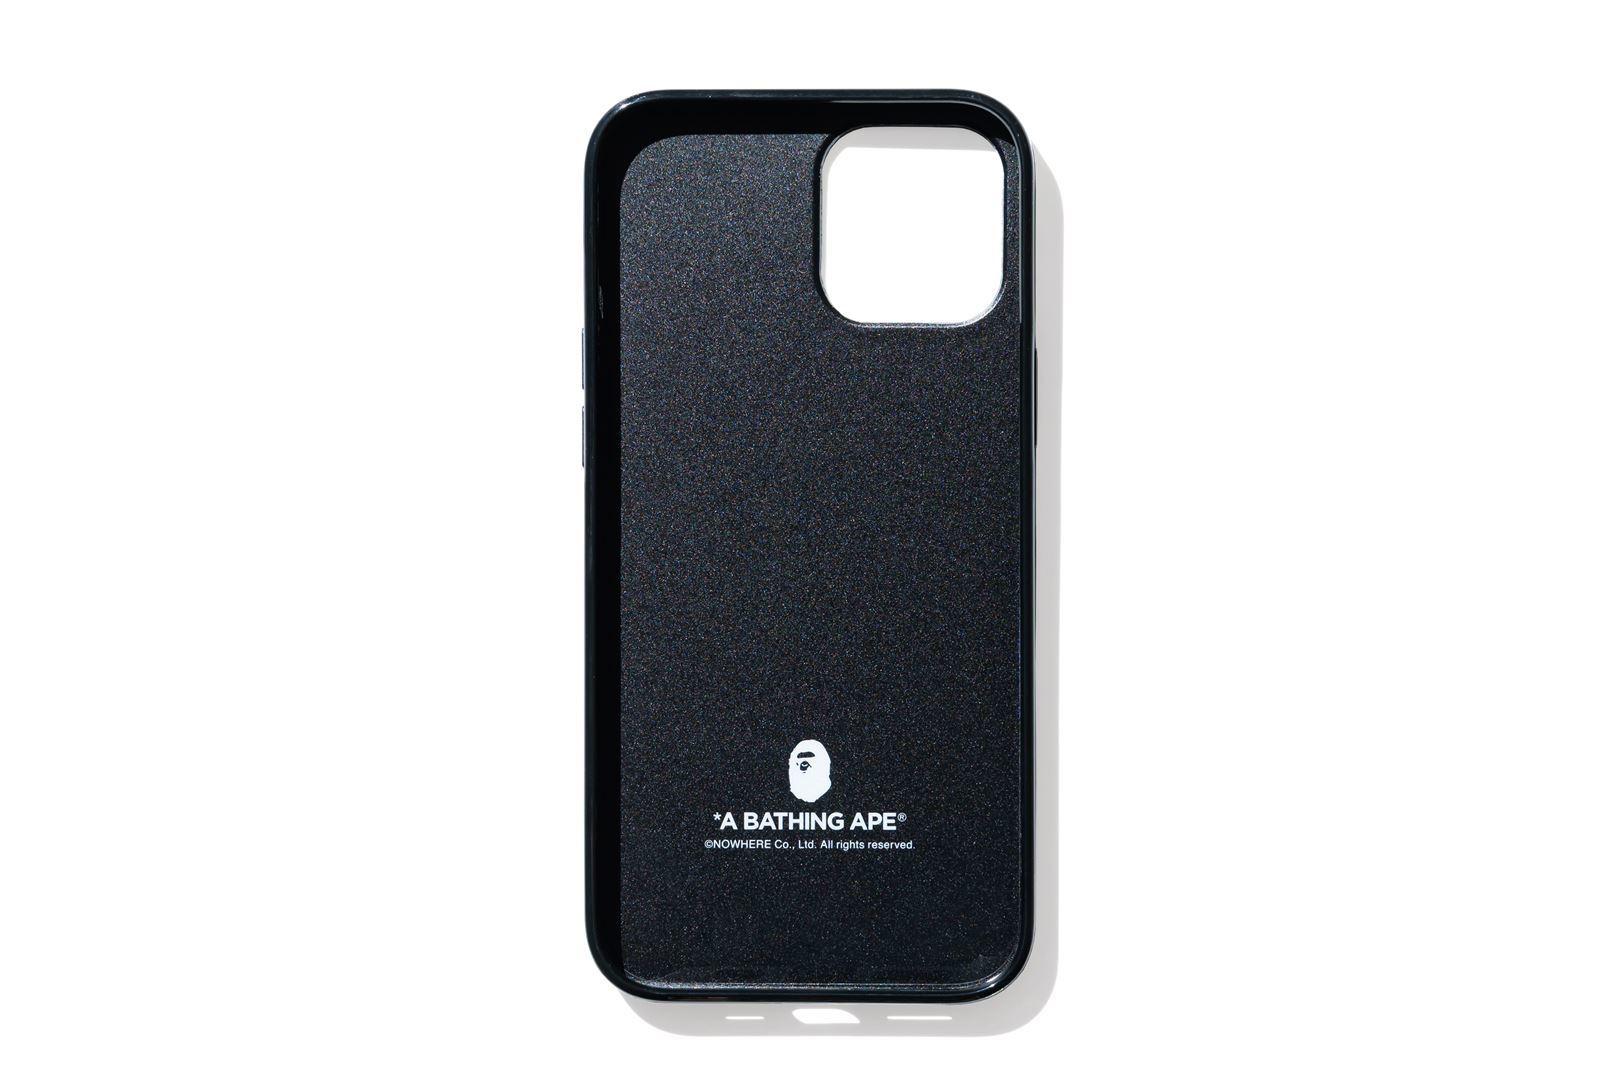 ABC CAMO iPhone 12 / 12 PRO / 12 PRO MAX / 12 MINI CASE_a0174495_12012362.jpg